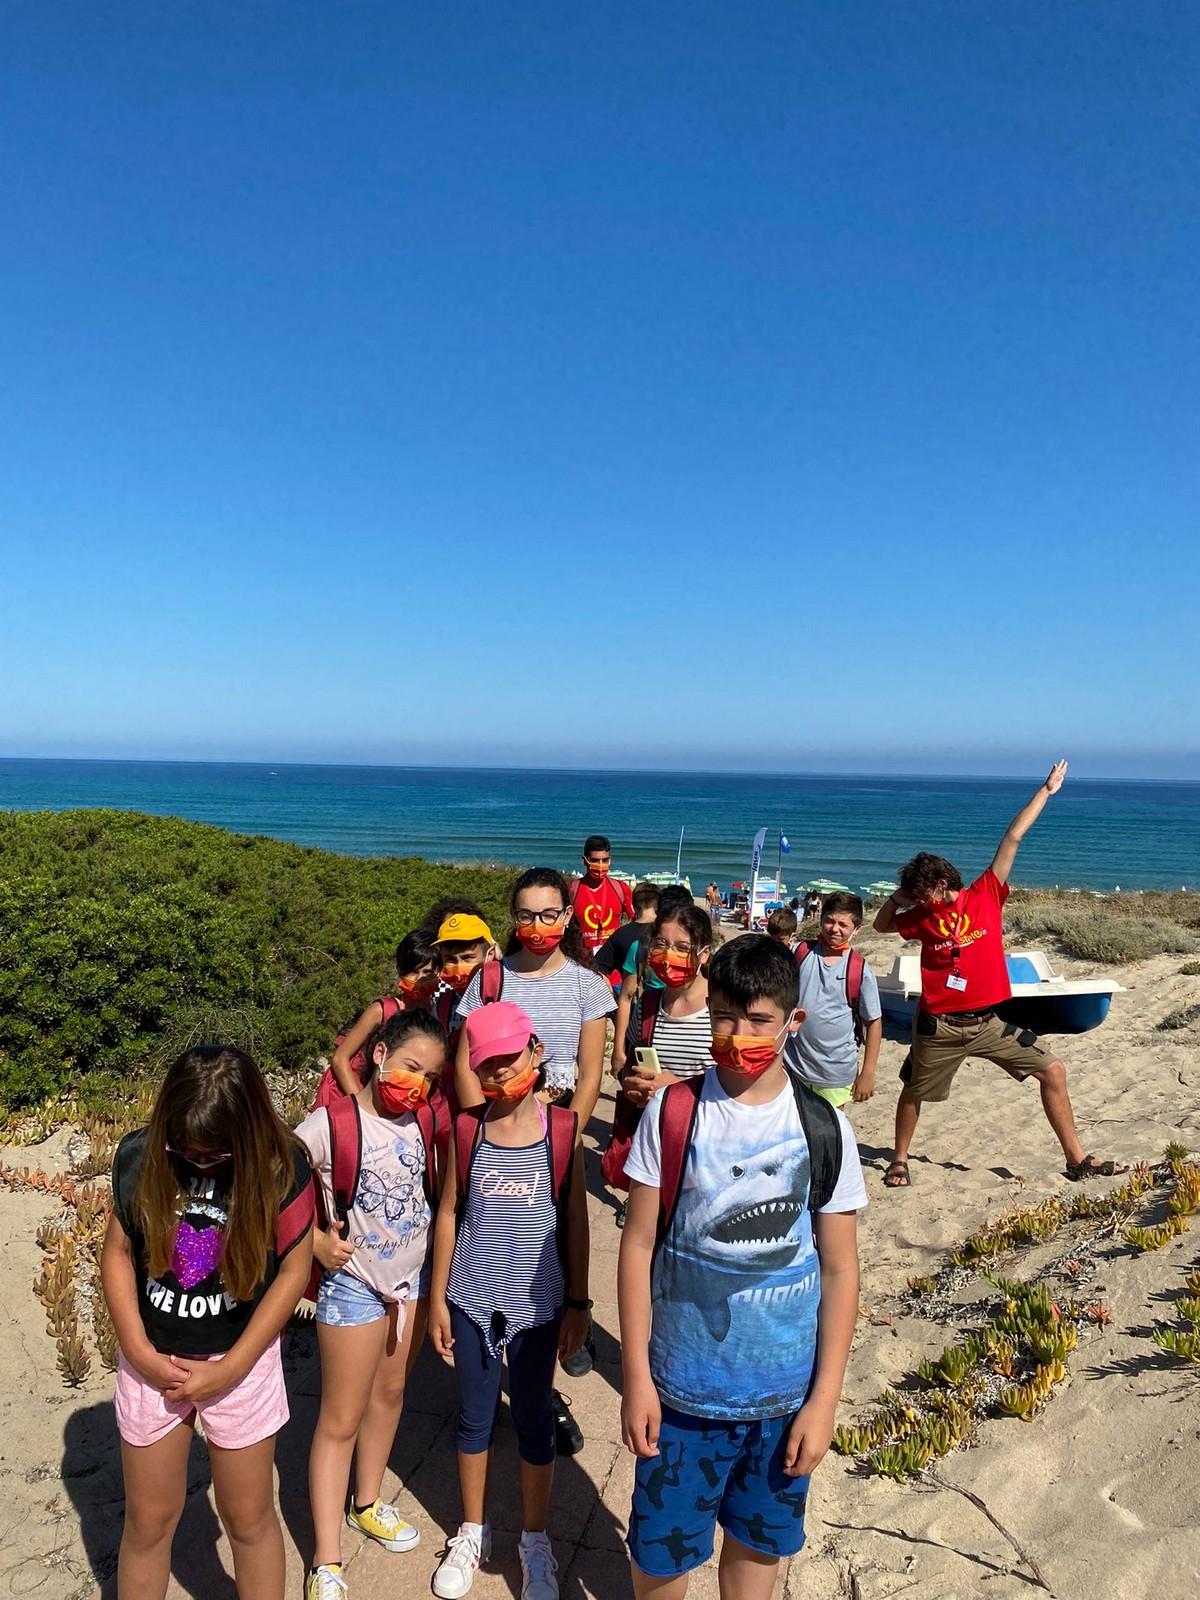 Hotel Baia delle Mimose 4**** // Alla scoperta della Sardegna e delle Isole // Junior Archivi --Hotel-Baia-delle-Mimose-alla-scoperta-della-sardegna-e-delle-isole-1-turno-2-7-2021-20